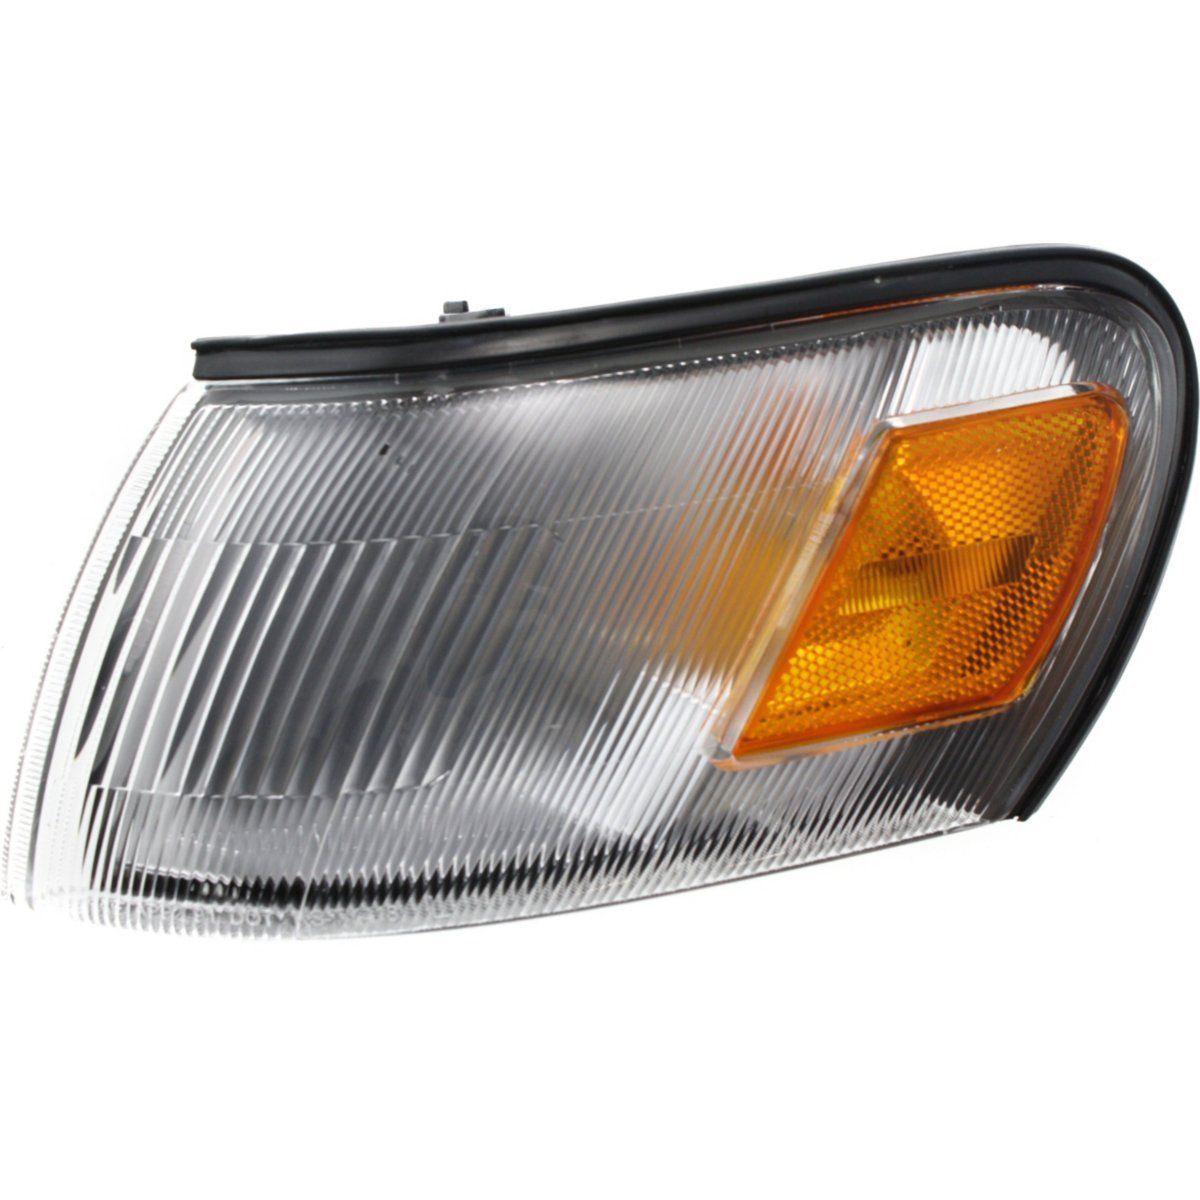 コーナーライト Corner Light For 93-97 Toyota Corolla Driver Side Incandescent w/ Bulb コーナーライトfor 93-97トヨタカローラドライバーサイド白熱電球